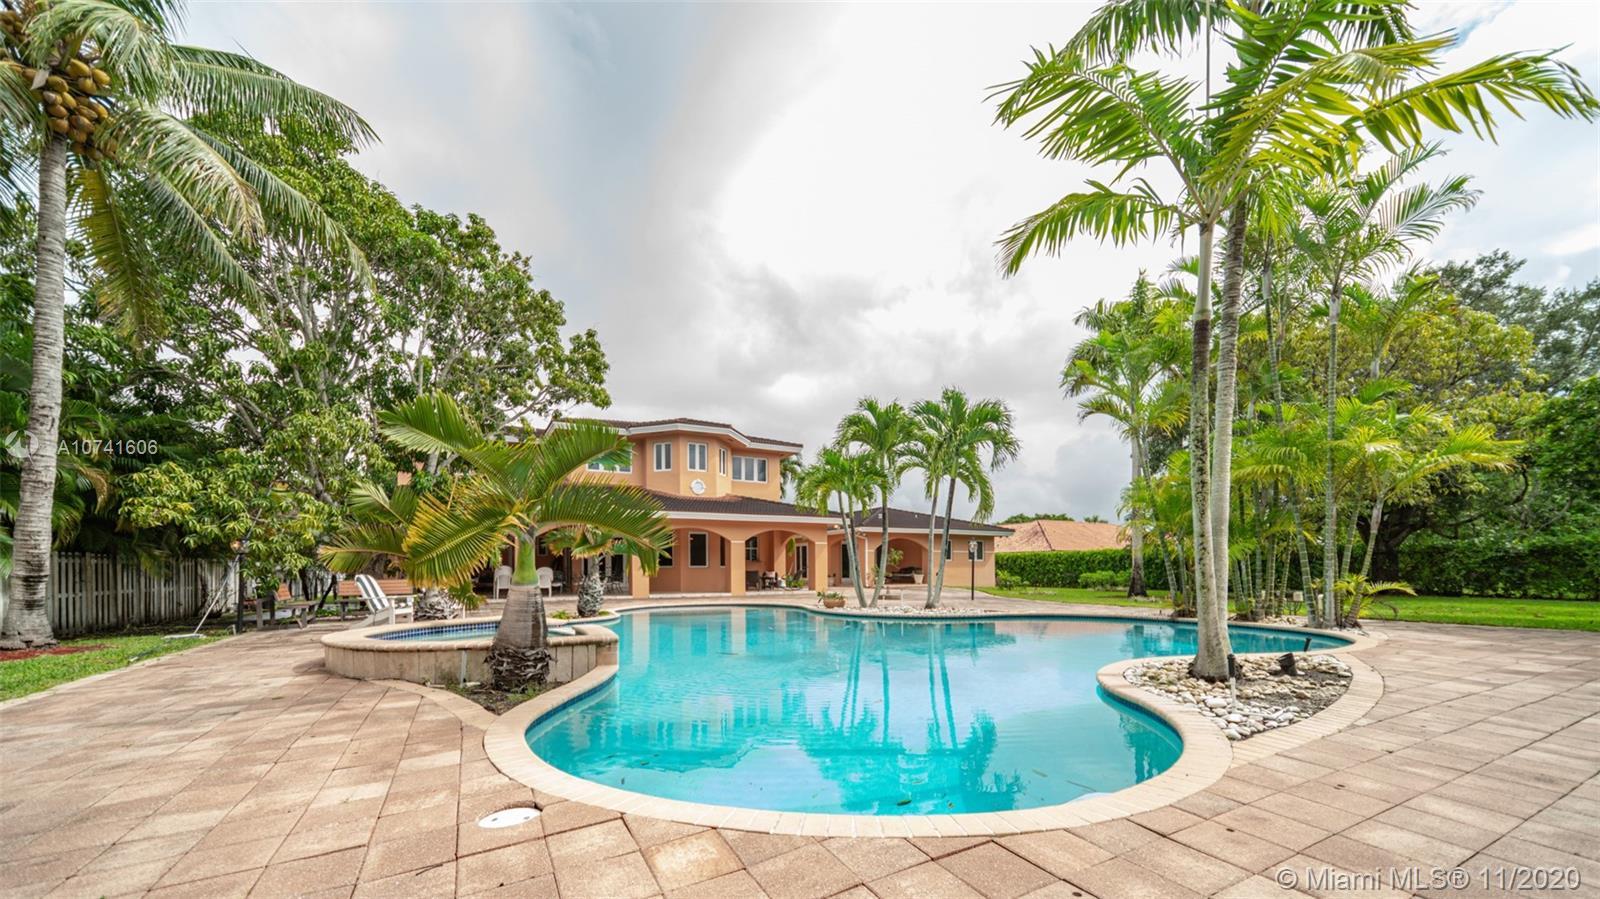 8940 SW 118th St, Miami, FL 33176